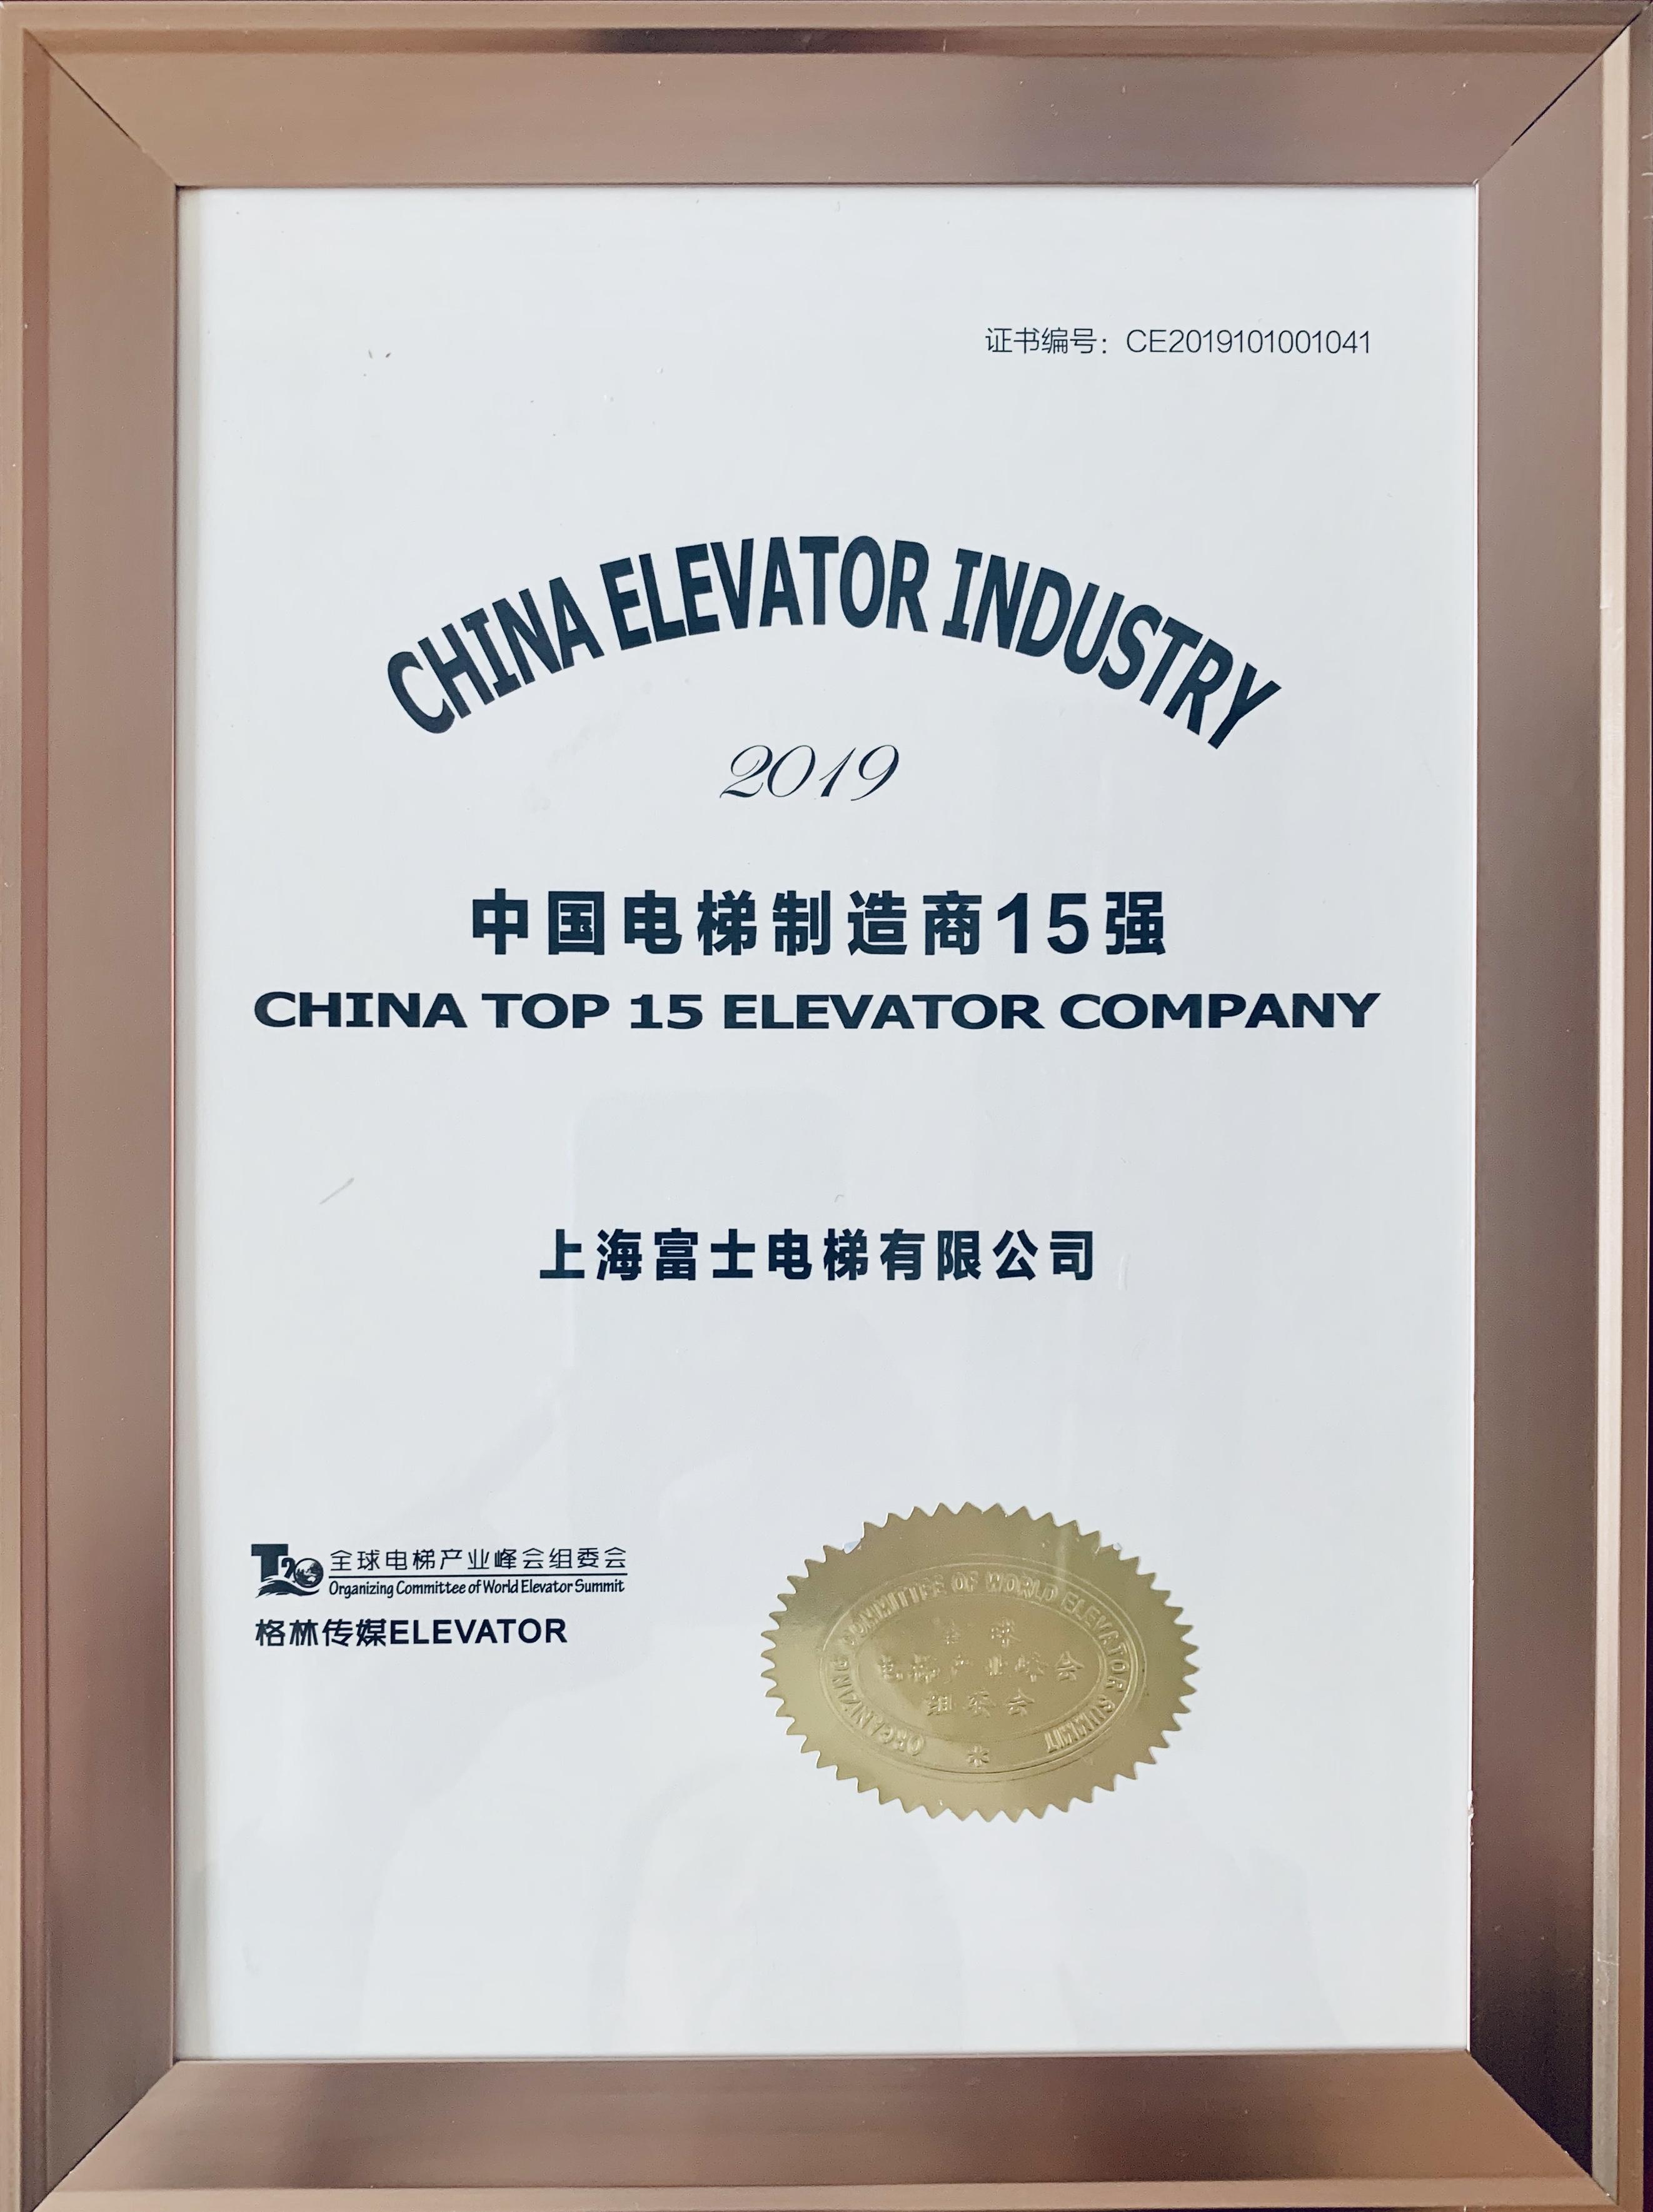 2019中国制造15强--上海富士电梯